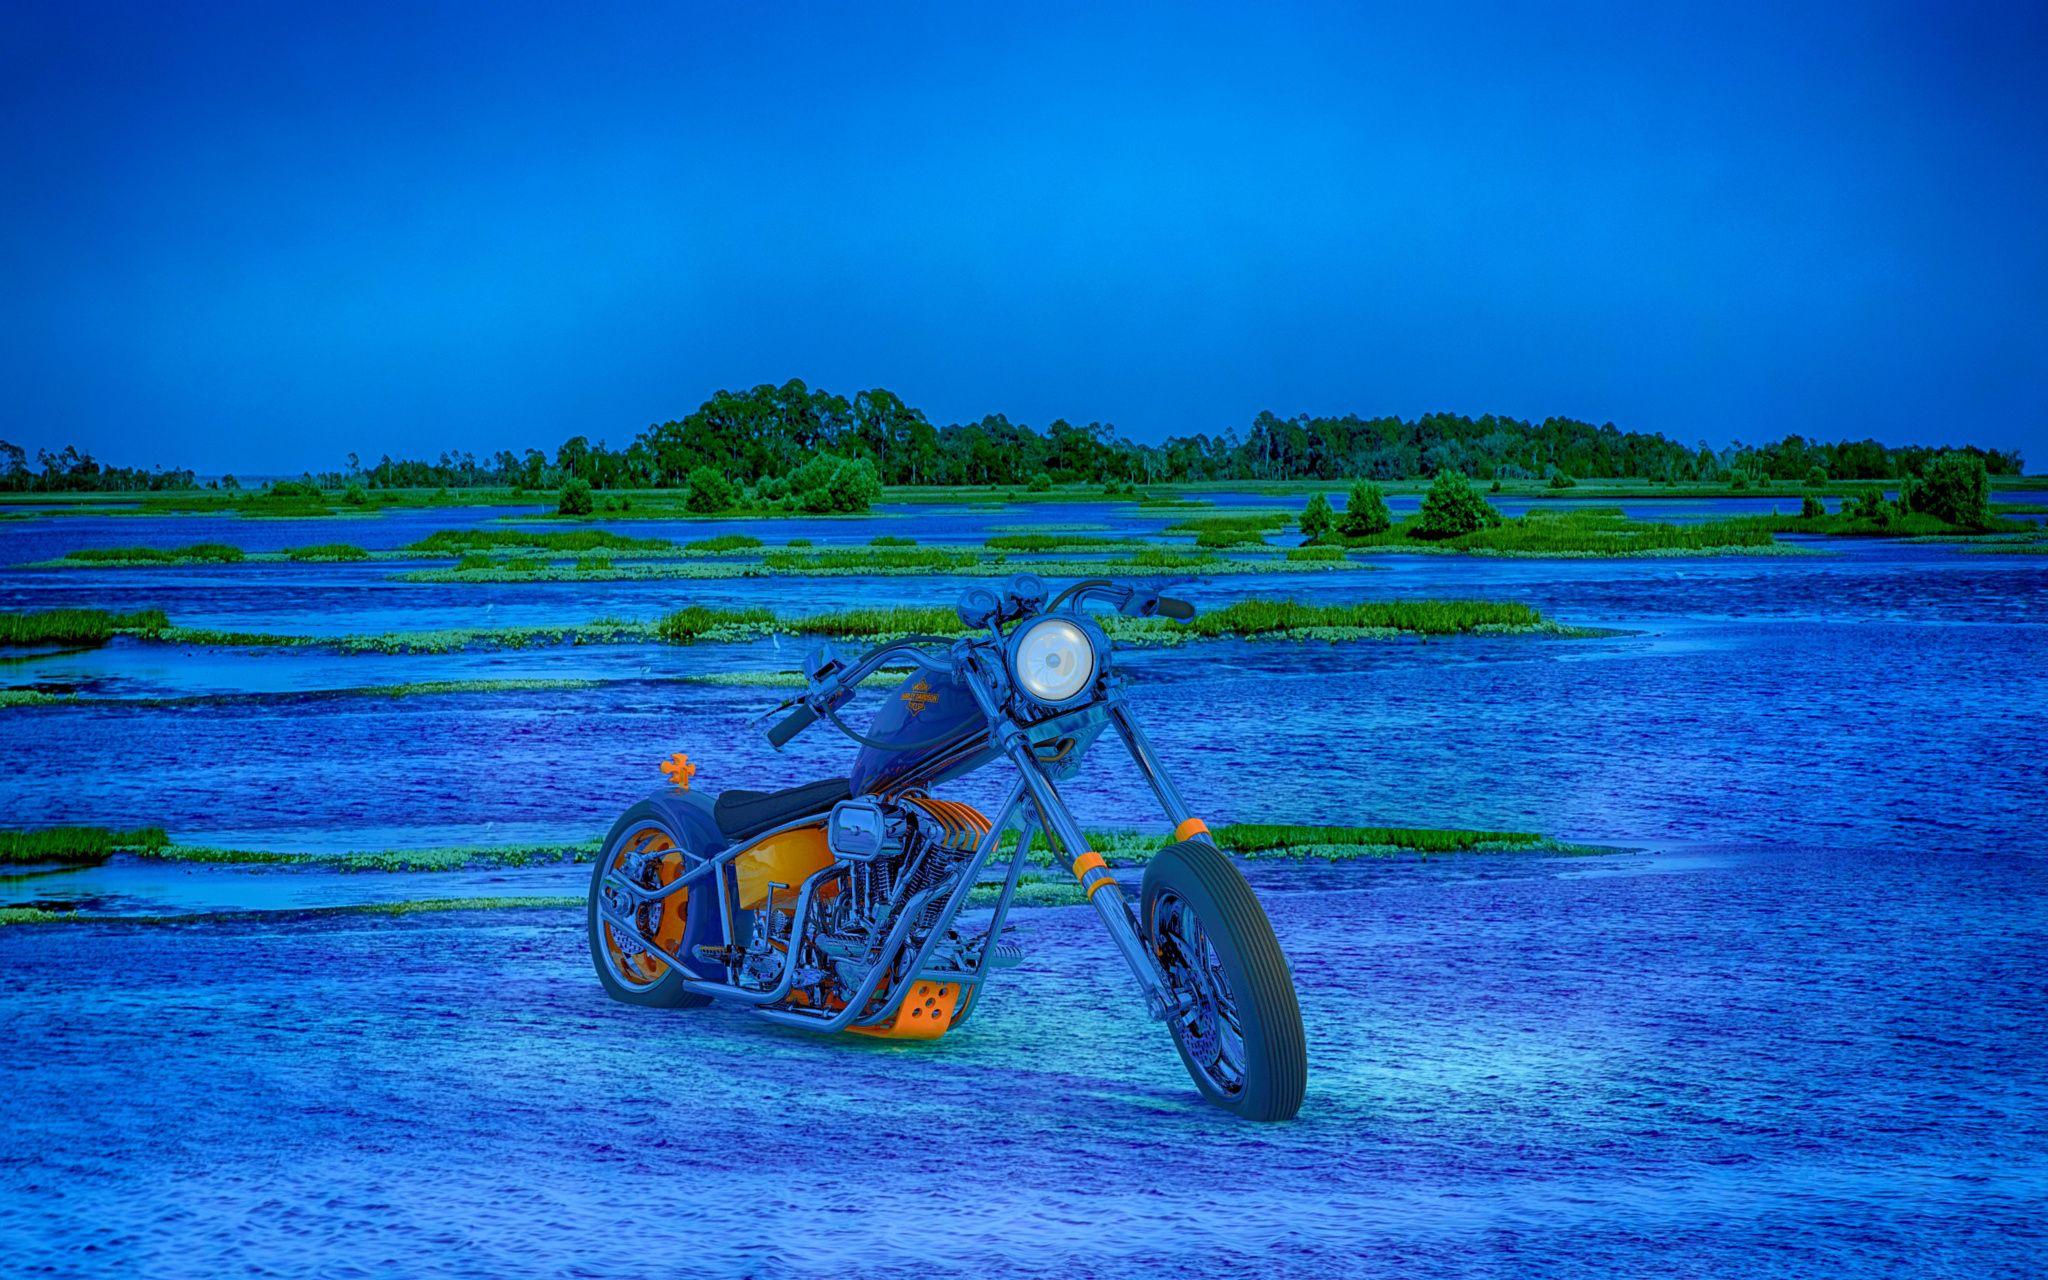 3D Render Custom motorcycle - 3D Render Custom motorcycle in Sleepy Cedar Key Florida